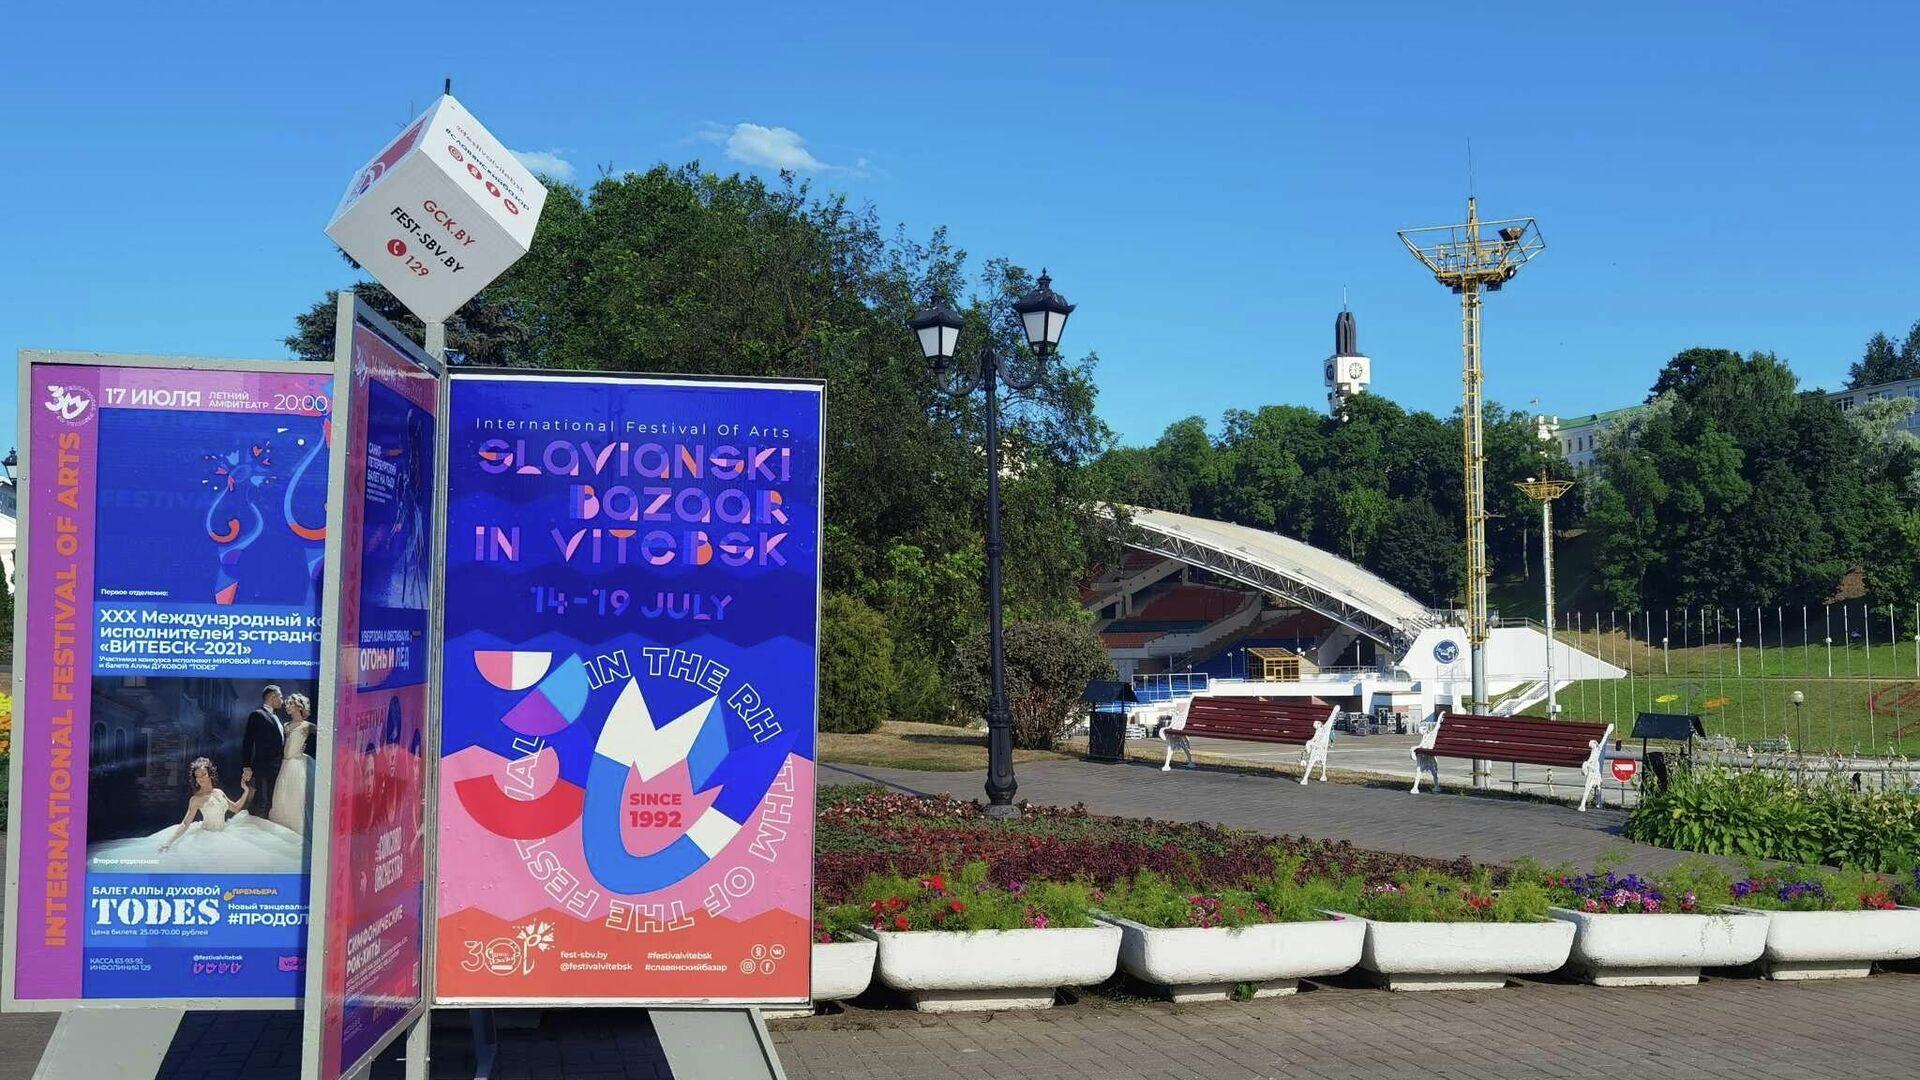 Віцебск напярэдадні Славянскага базару - 2021  - Sputnik Беларусь, 1920, 08.07.2021